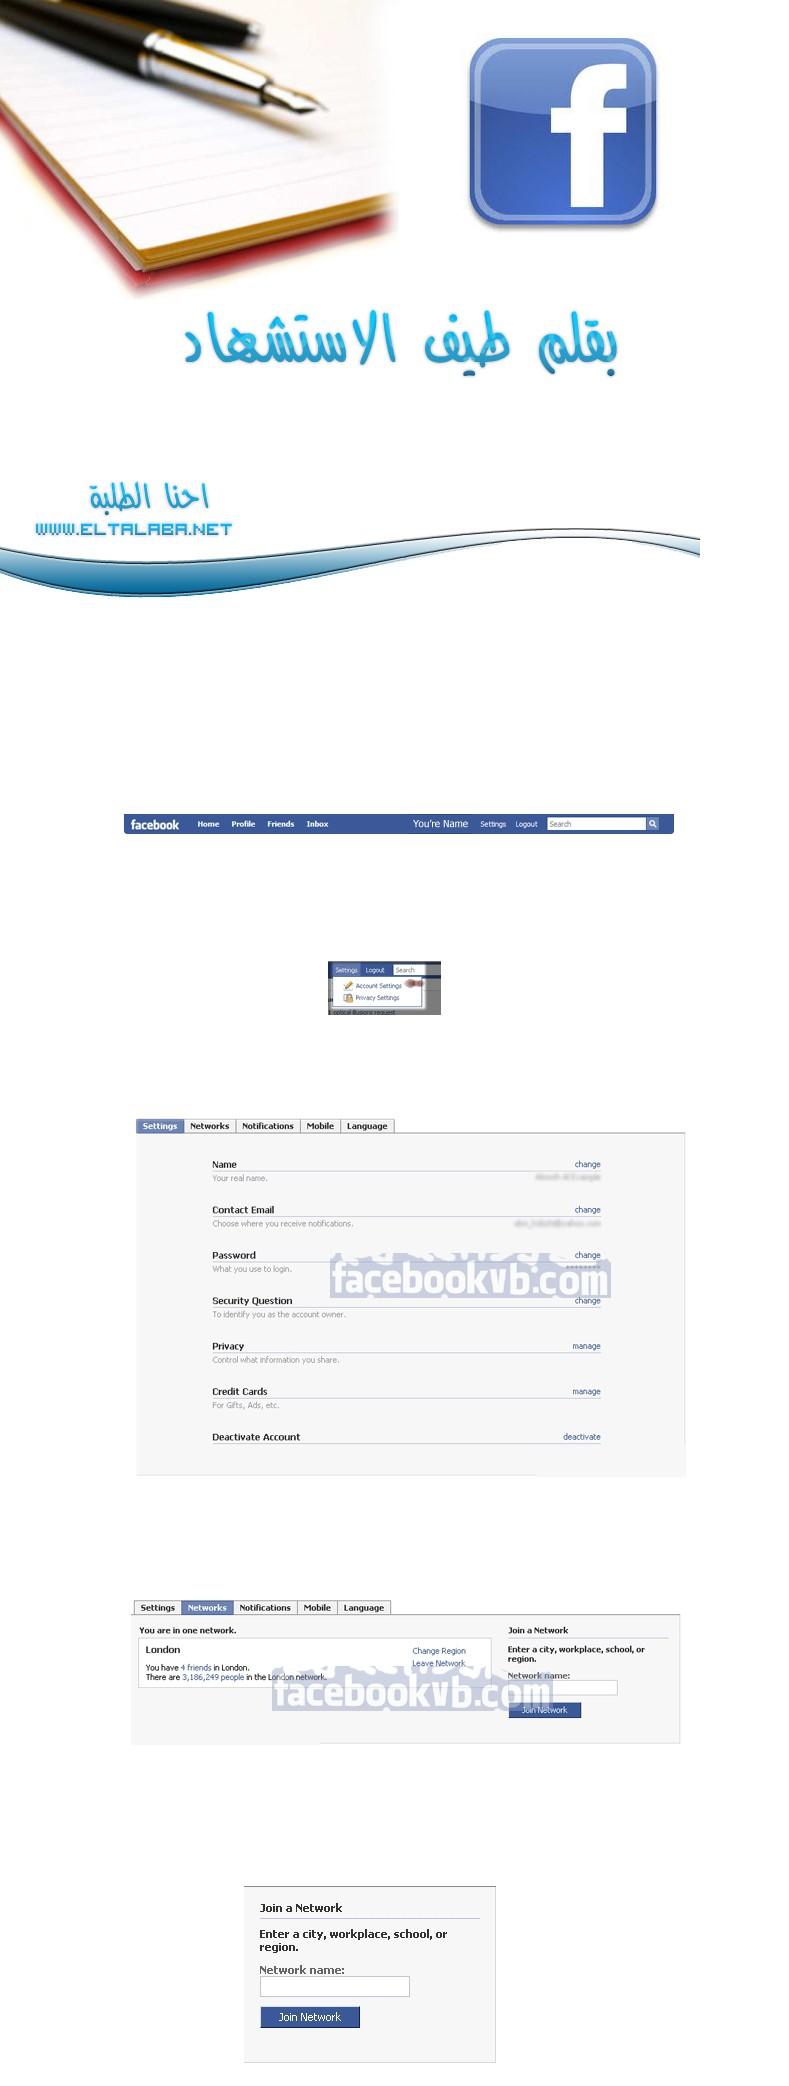 إدارة الحساب - الشبكات - على الفيس بوك Untitl29